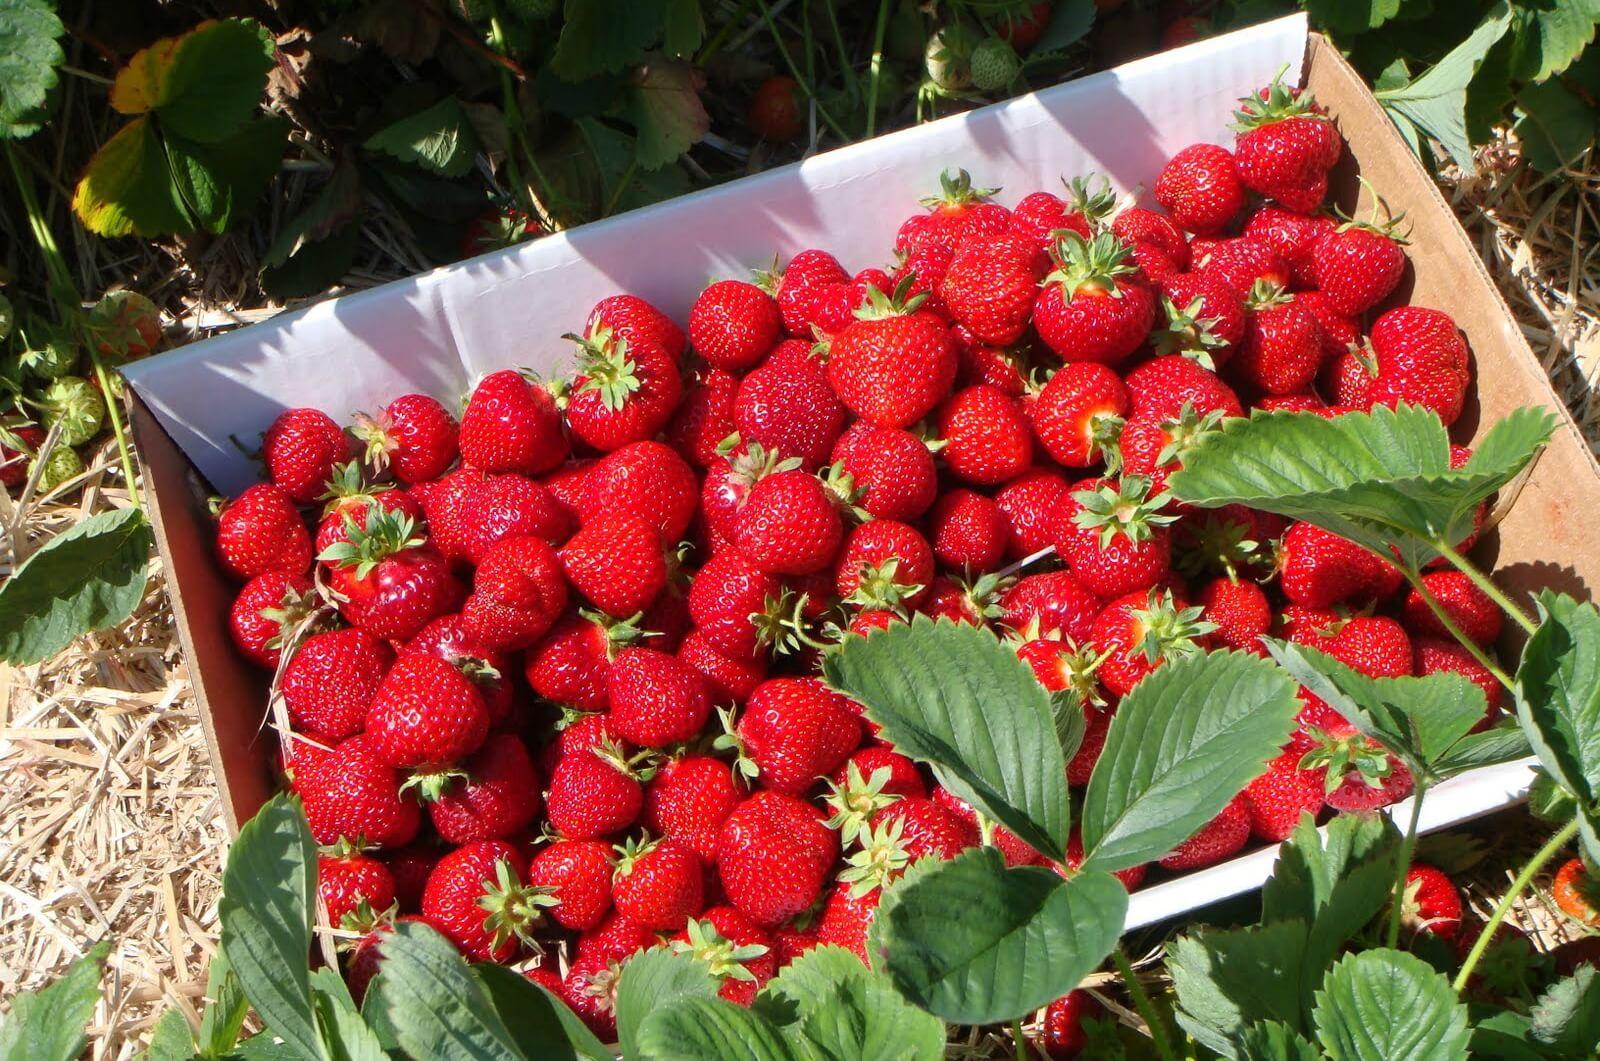 Как выращивать клубнику на даче, поэтапная инструкция для начинающих садоводов